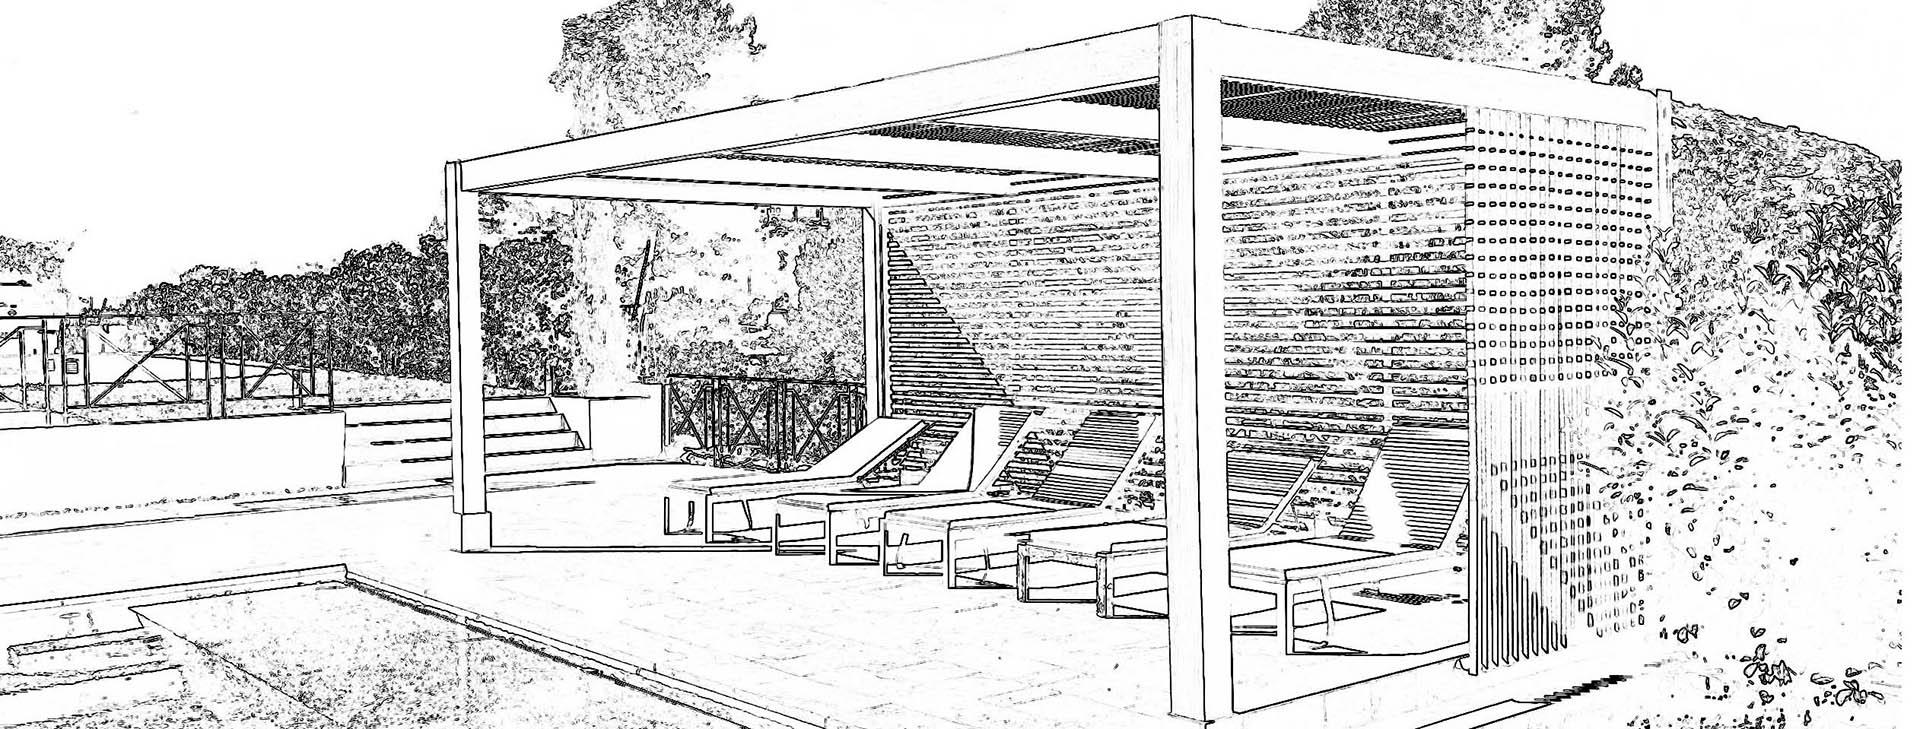 projet-pergola-bioclimatique-piscine-bois-exotique